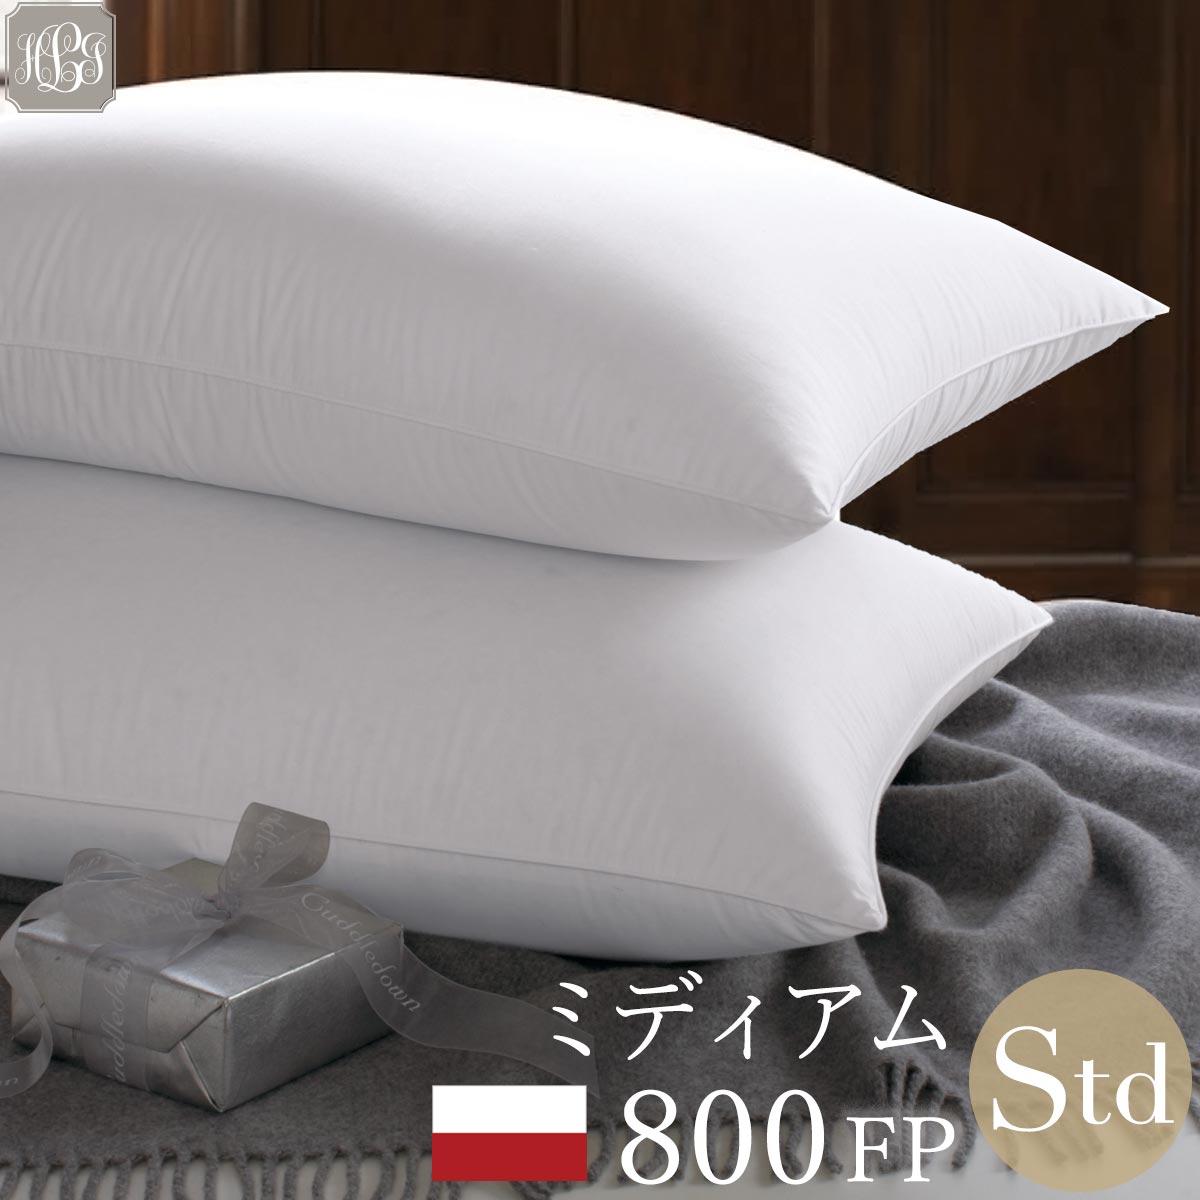 羽毛枕 スタンダード 50cmx66cm ミディアム 800フィルパワーポーランド産ホワイトマザーグースダウンピロー 送料無料